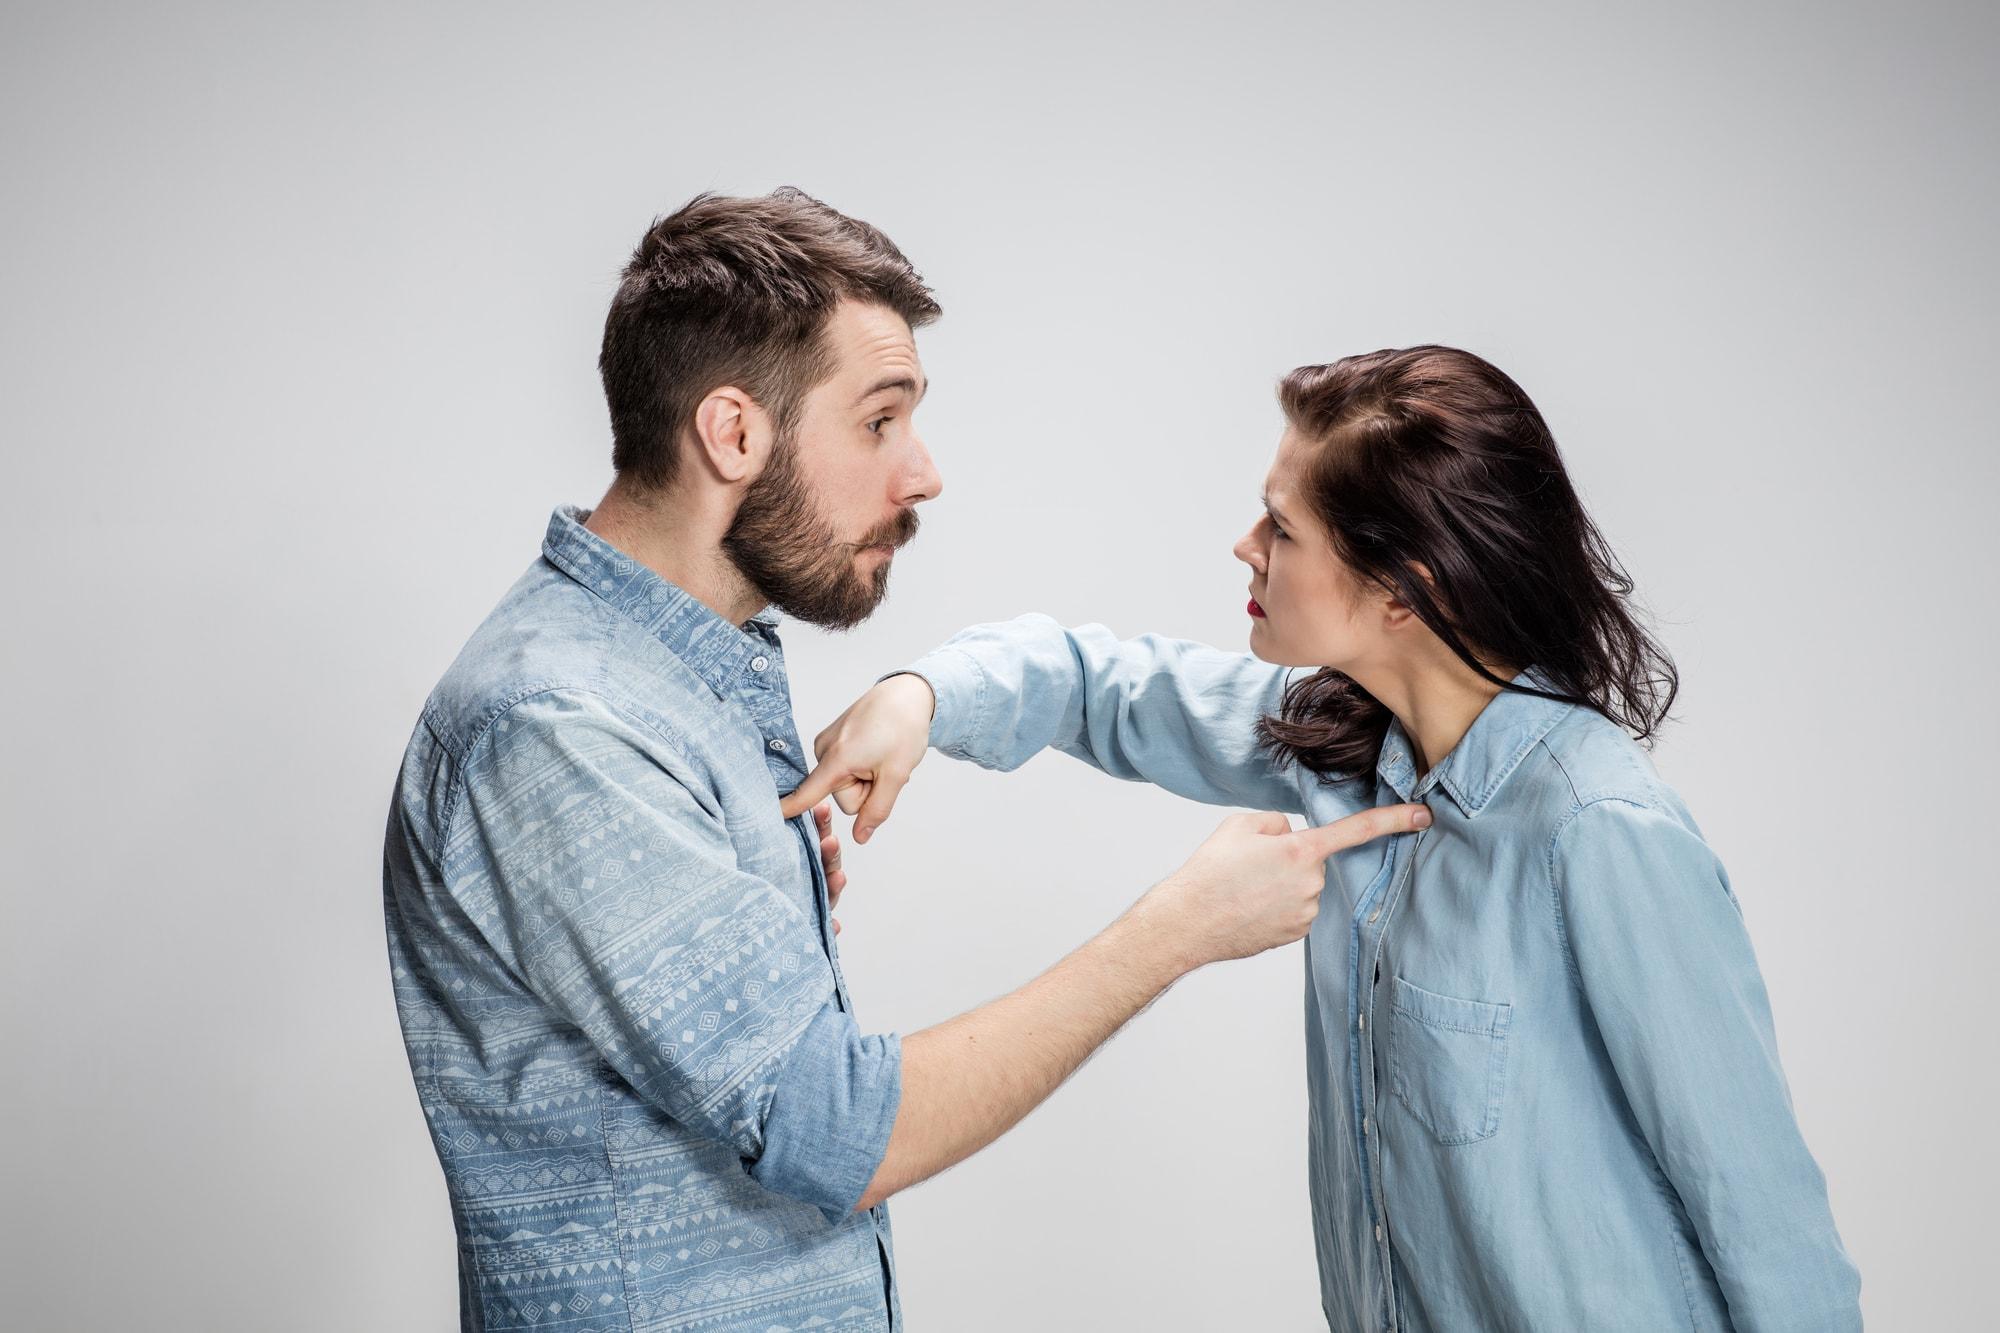 مردان نیز مورد همسرآزاری قرار میگیرند!